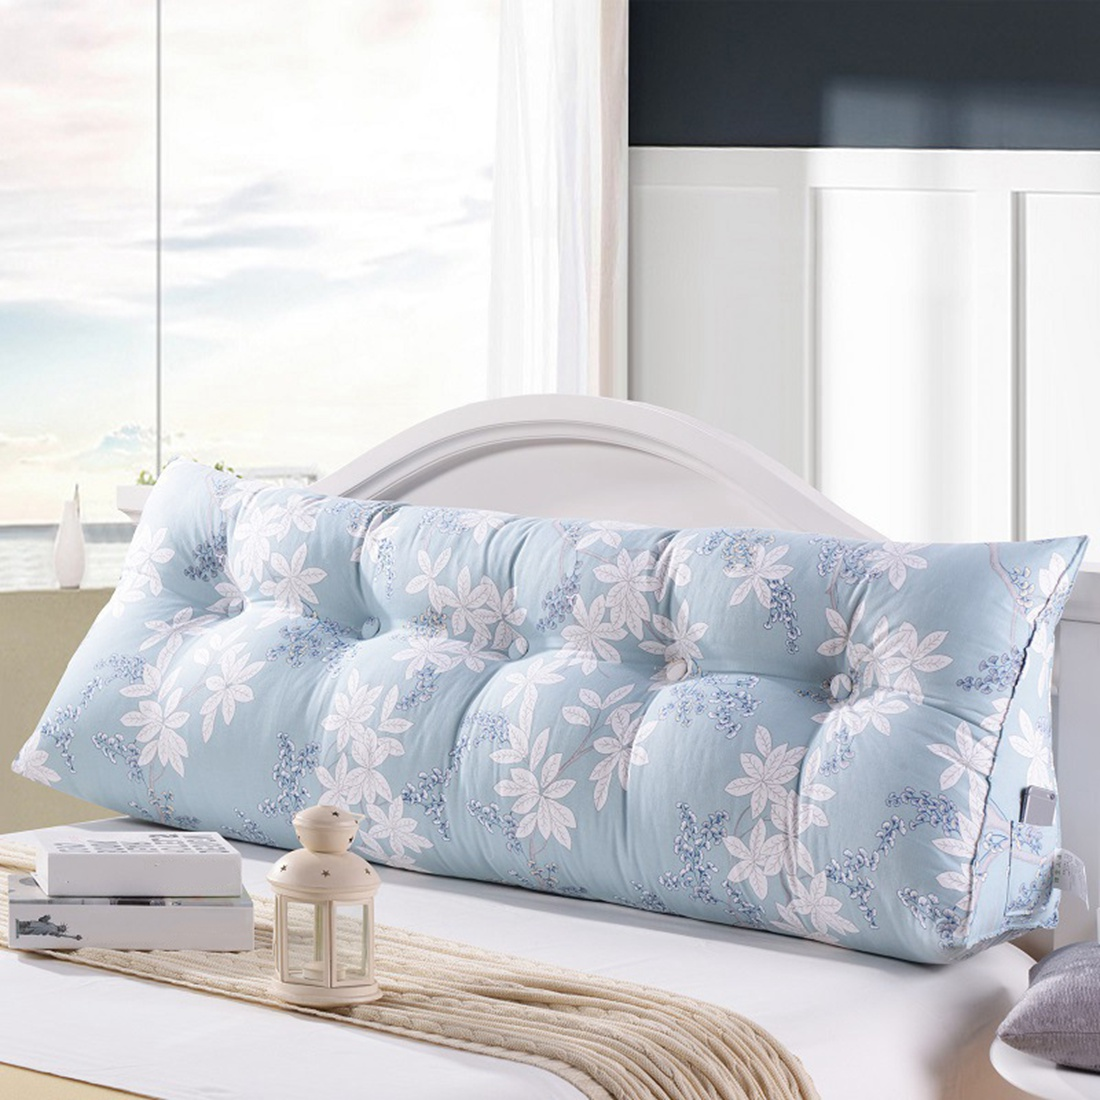 Bed Pillows Creative Home Decor Cushion